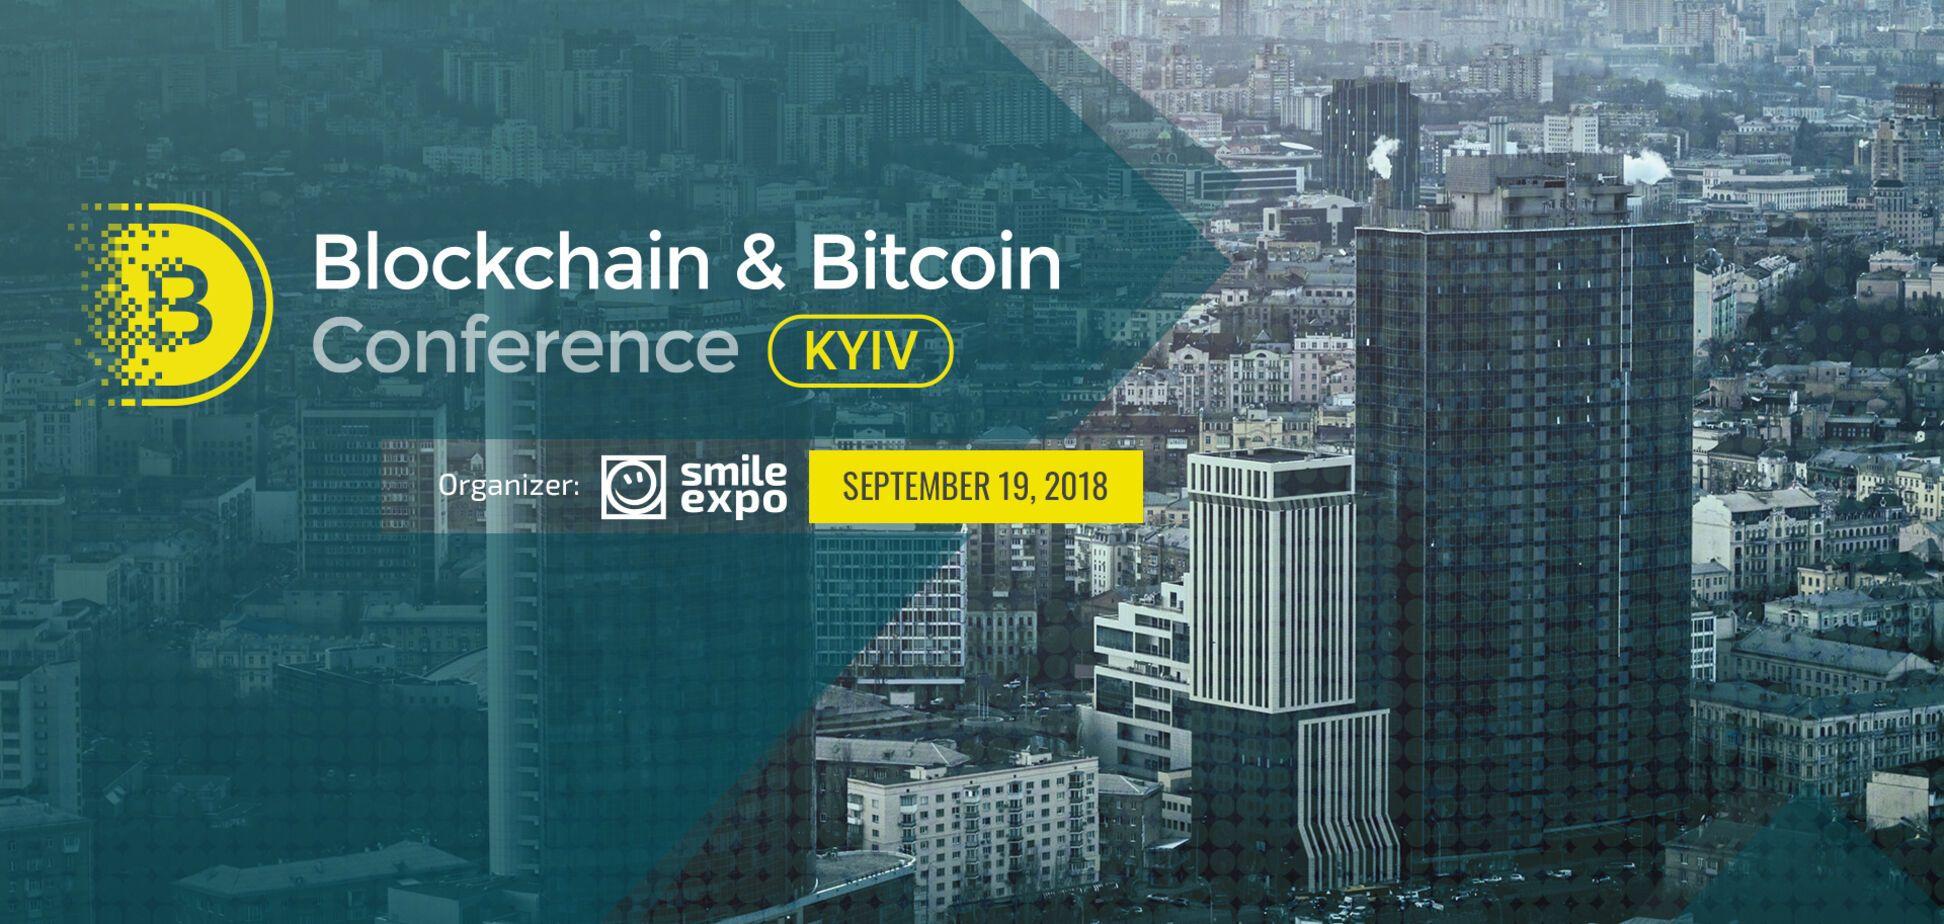 В Украине пройдёт шестое международное криптособытие Blockchain & Bitcoin Conference Kyiv